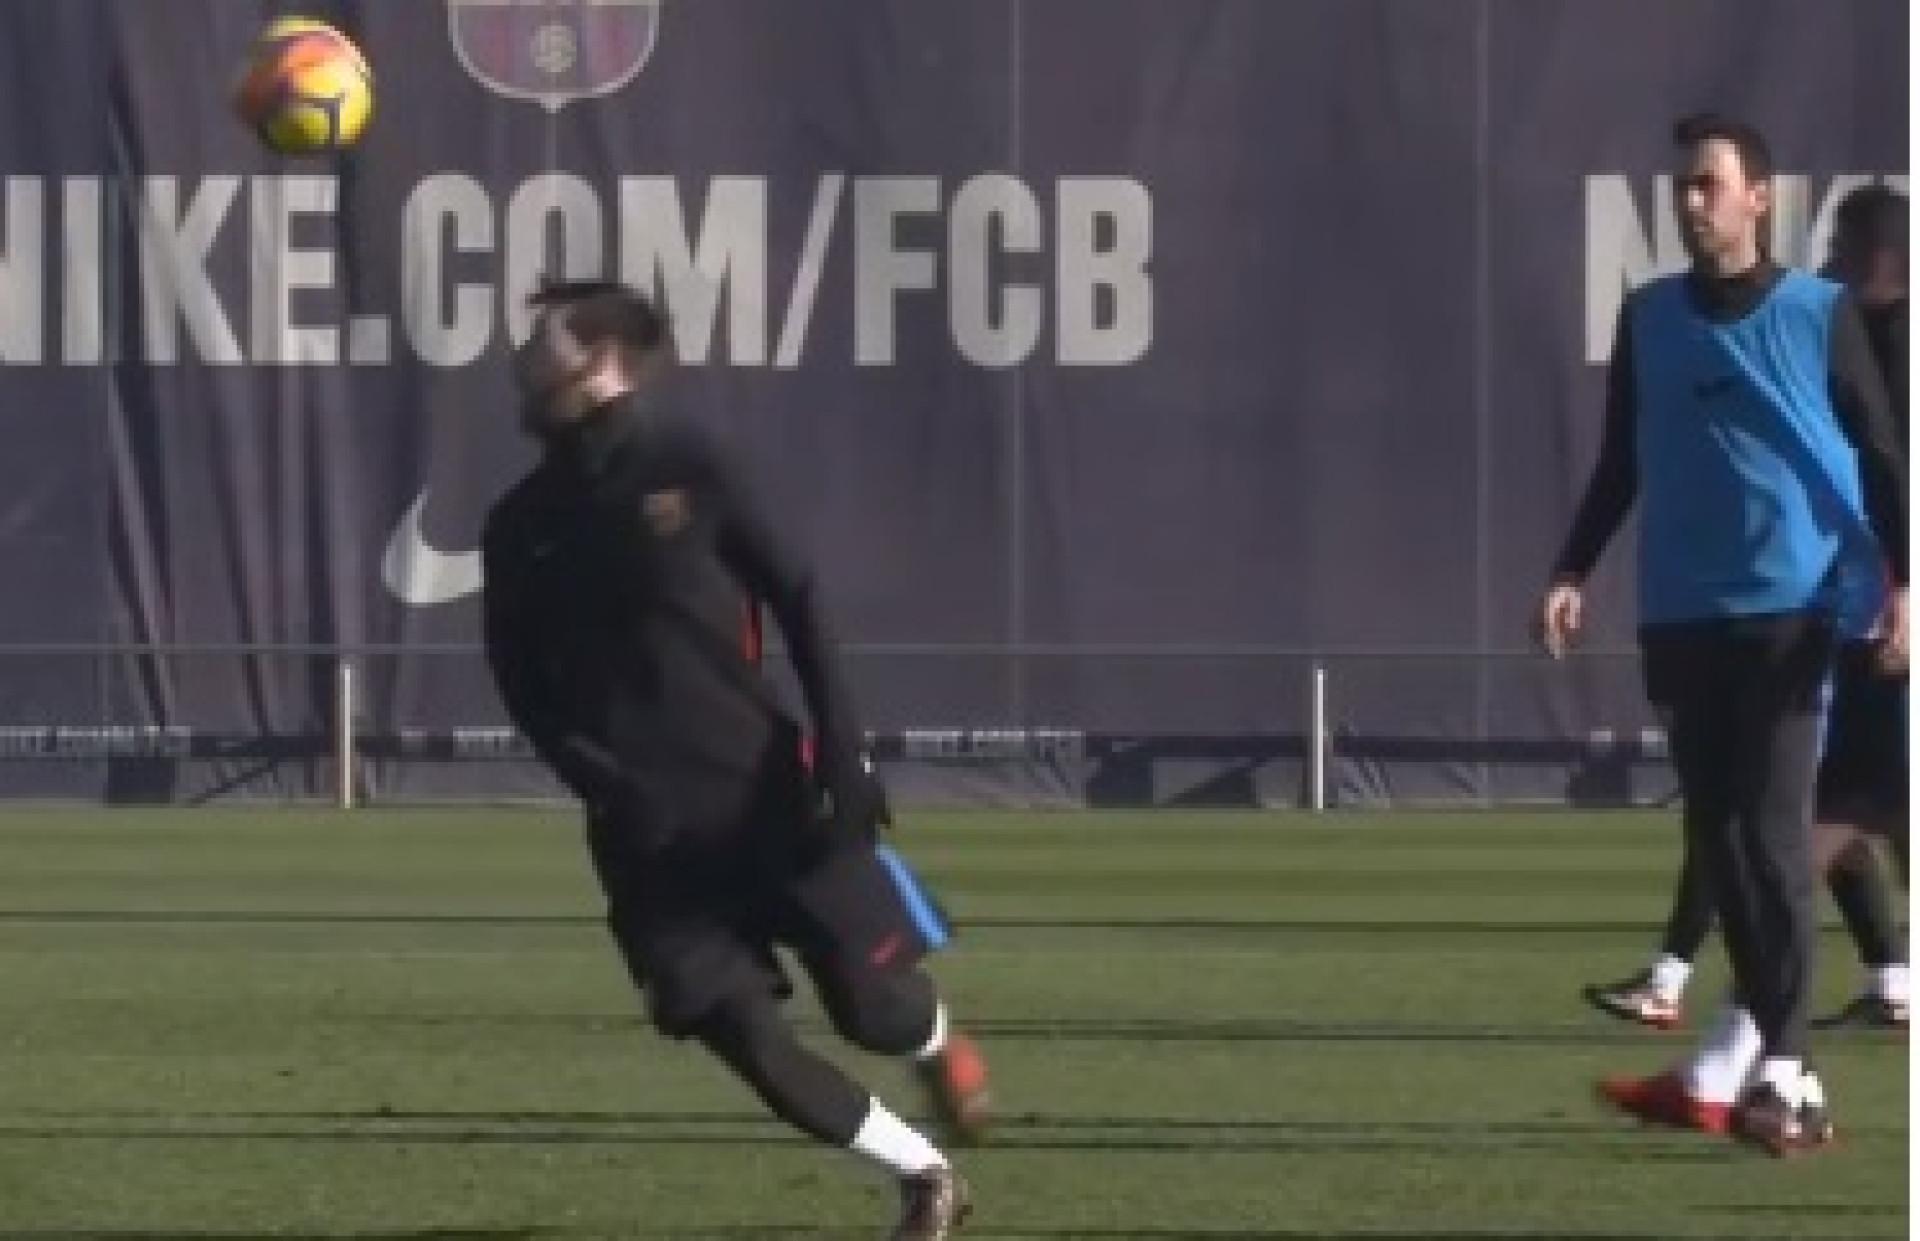 Mais um dia de treino para Messi, mais um dia de pesadelo para os colegas